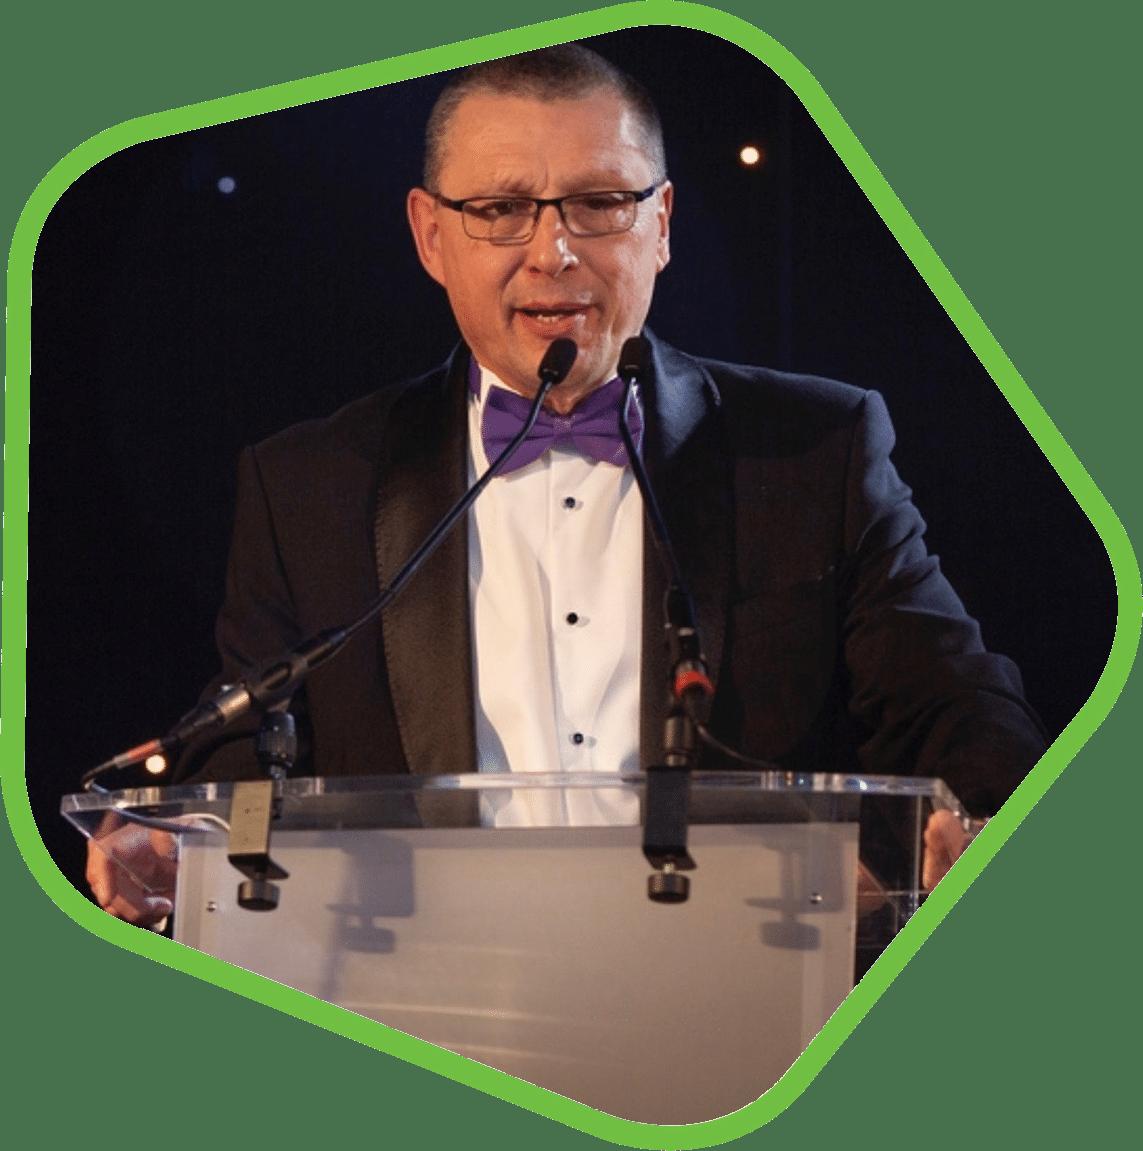 Philip King speaker Onguard